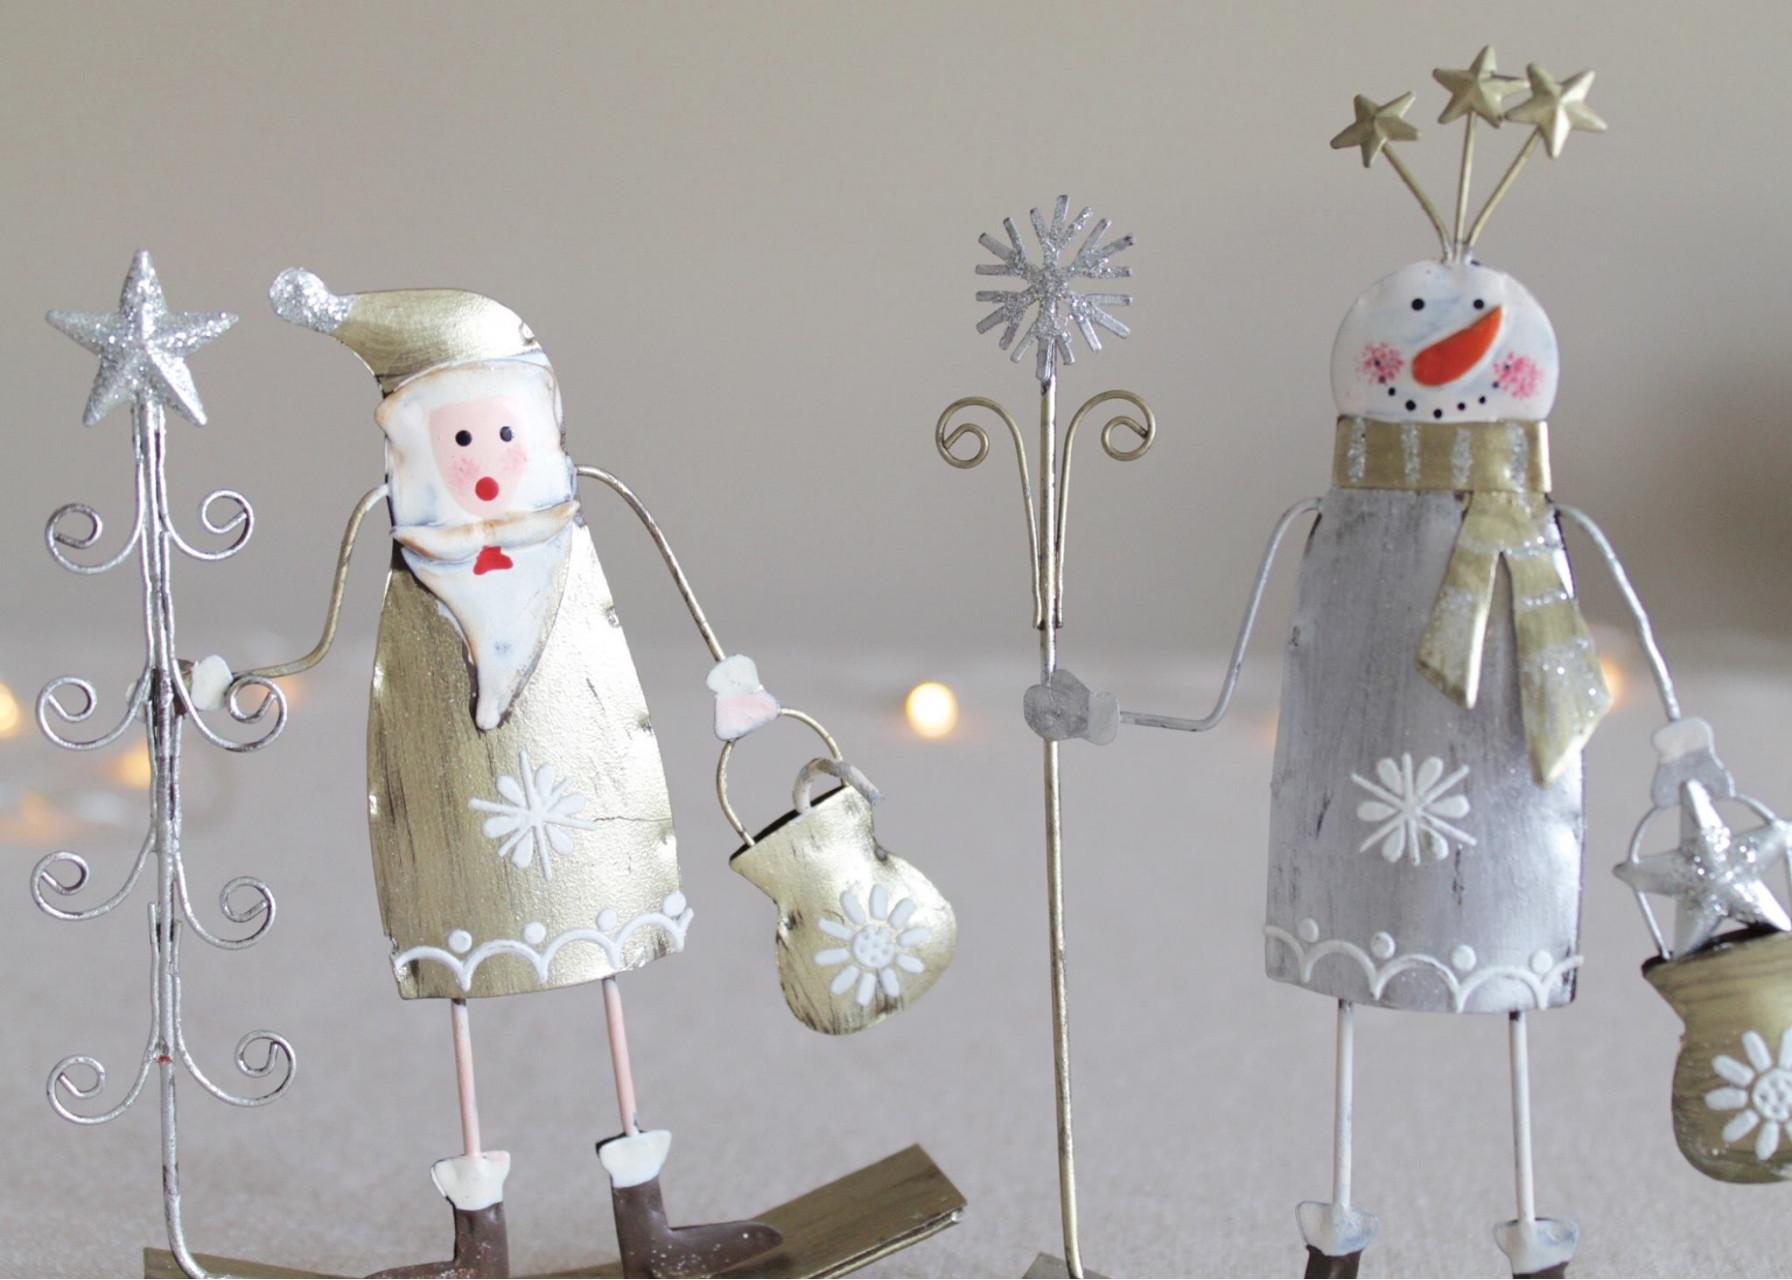 Μεταλλικά στολίδια / Χιονάνθρωποι